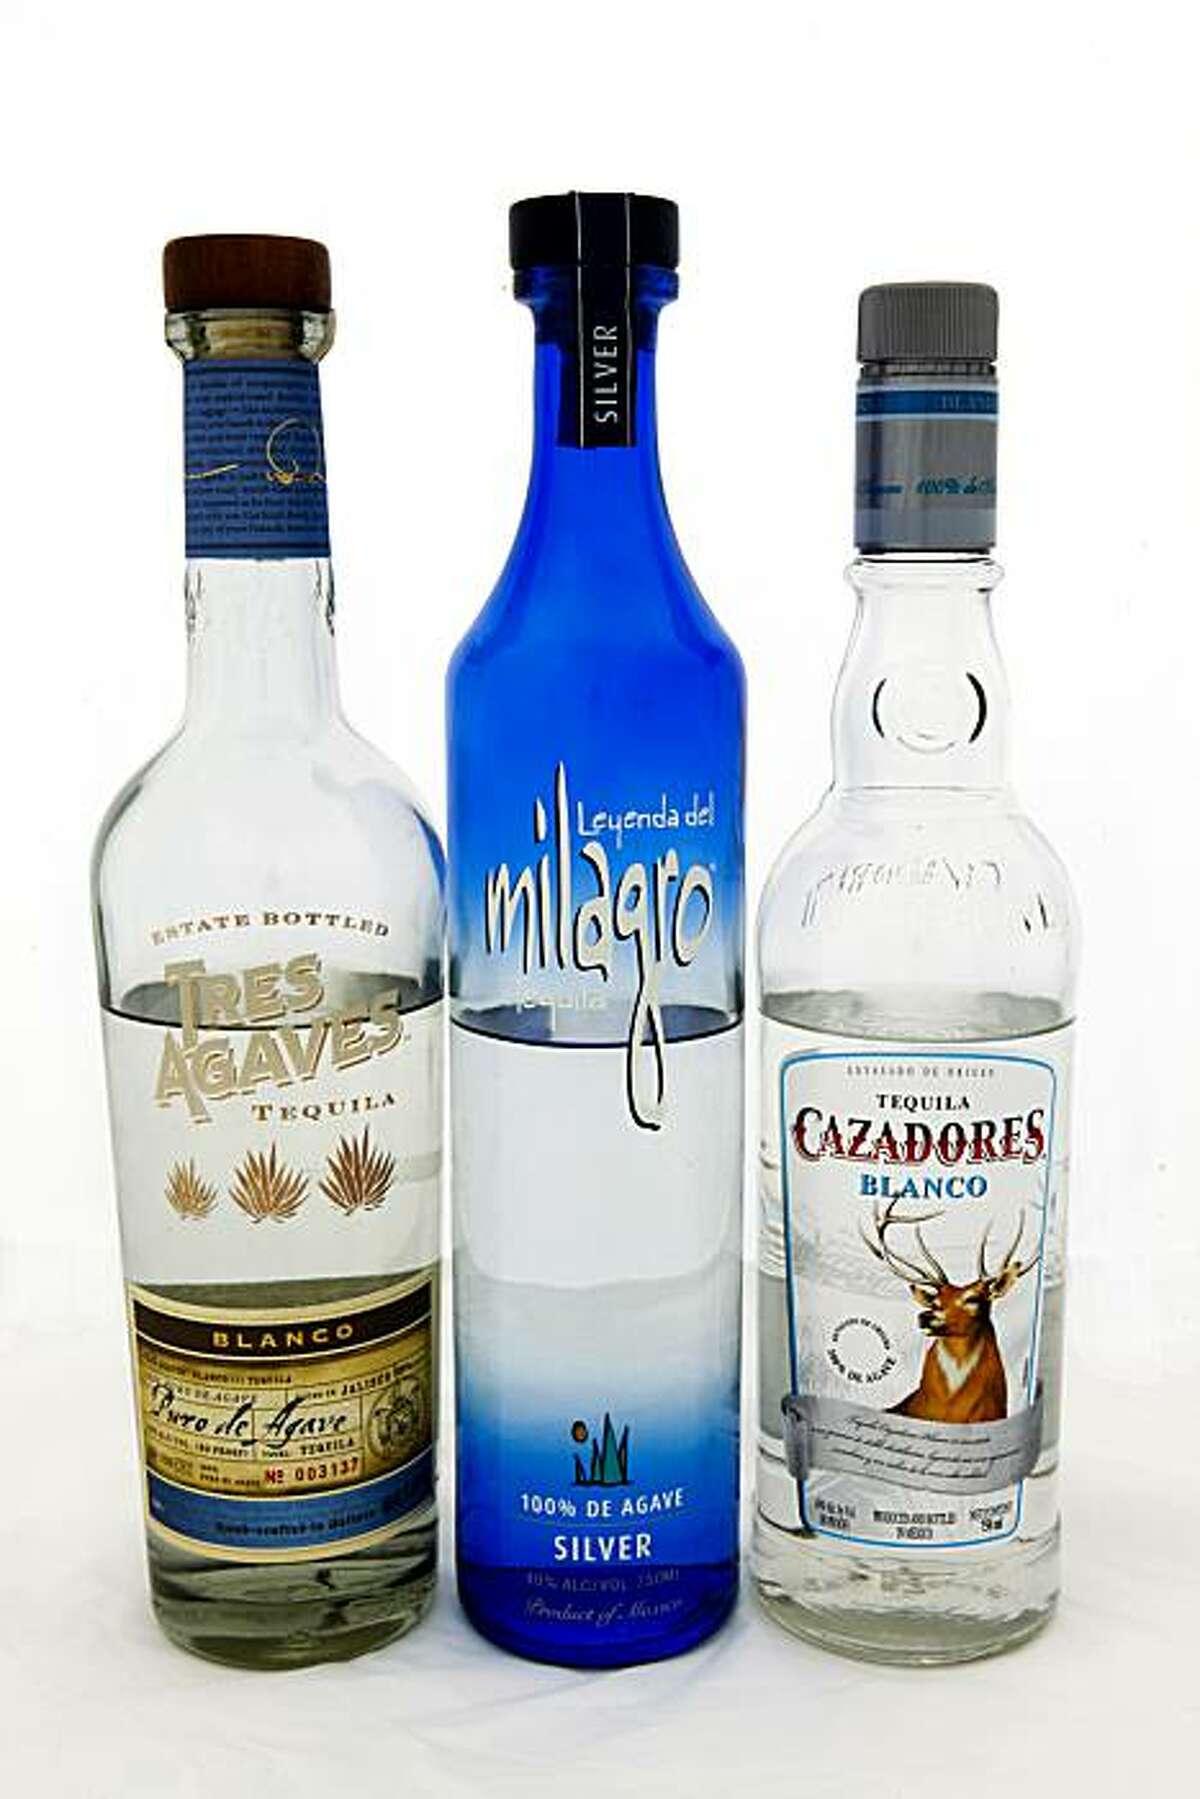 Tres Agaves Blanco, Leyenda del Milagro Silver, and Cazadores Blanco Tequila